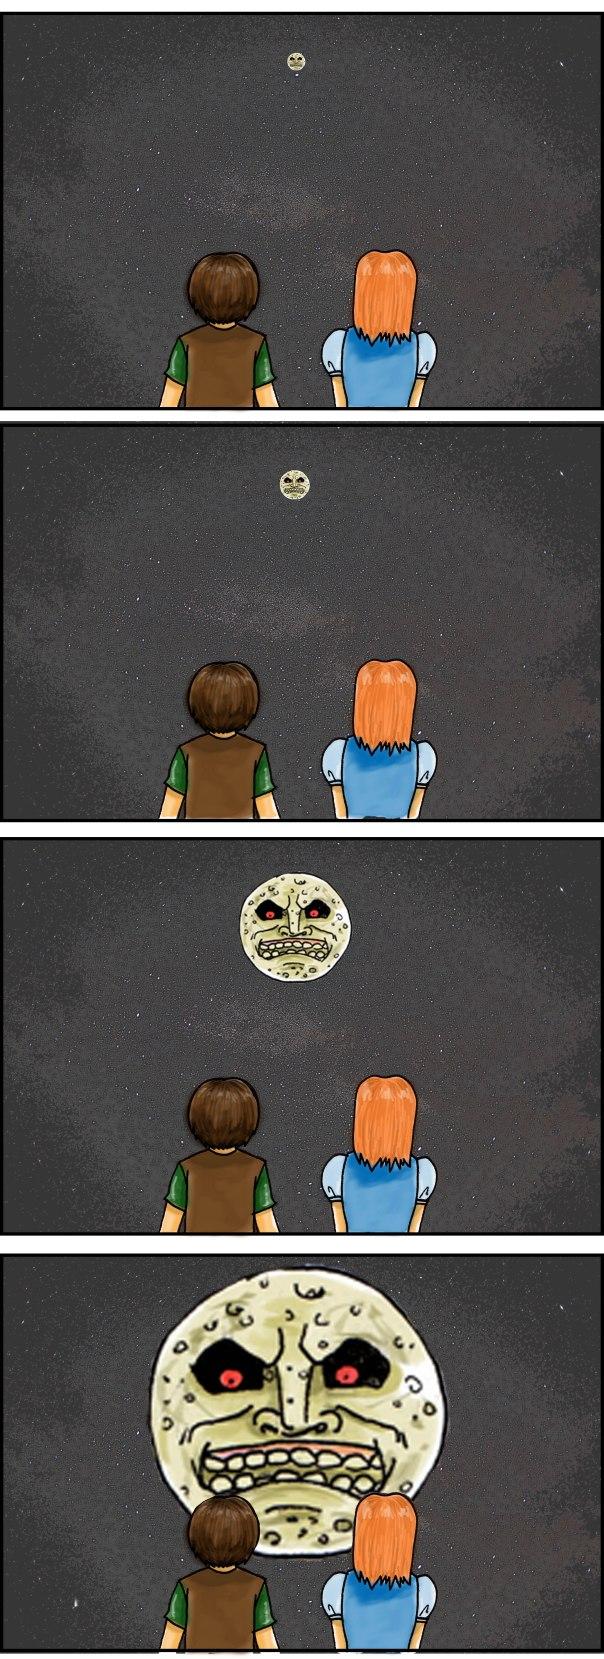 11.Moon